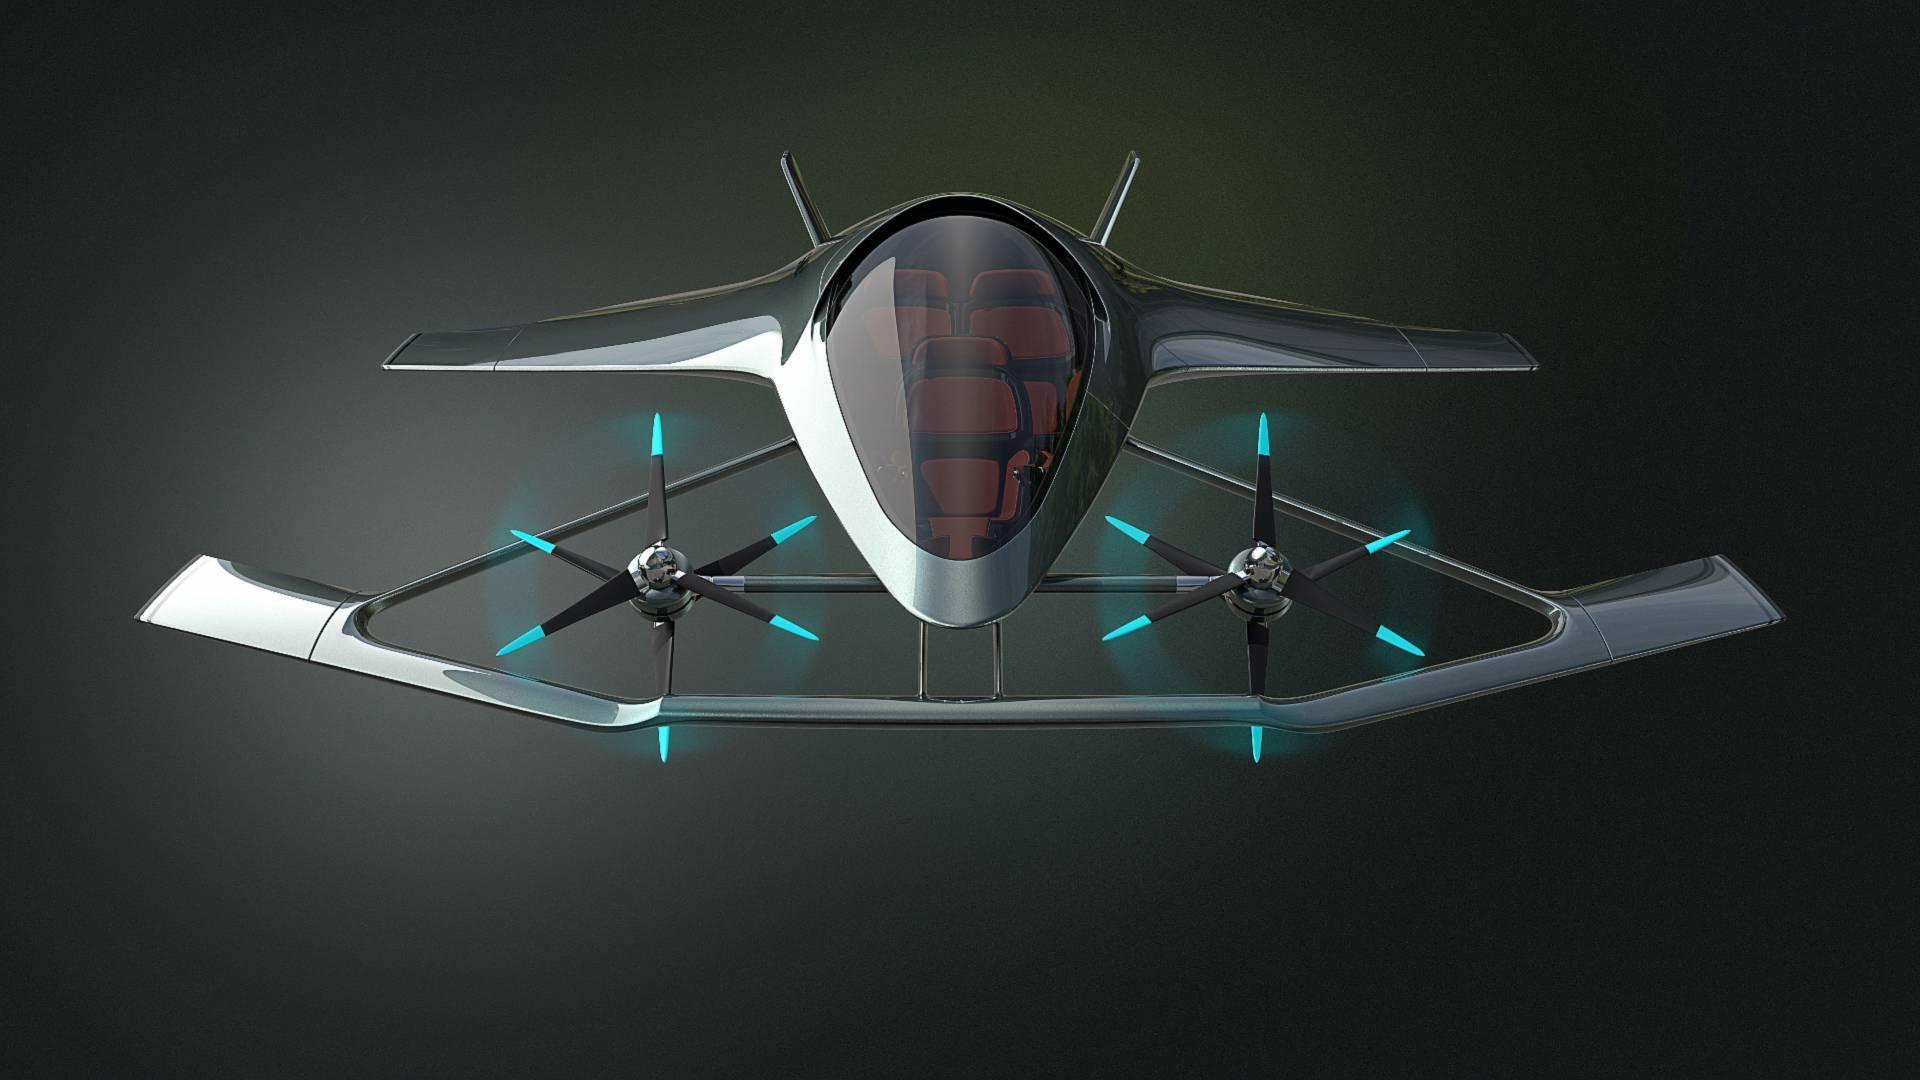 Airborne Luxury Aston Martin Debuts Volante Vision Vtol Concept